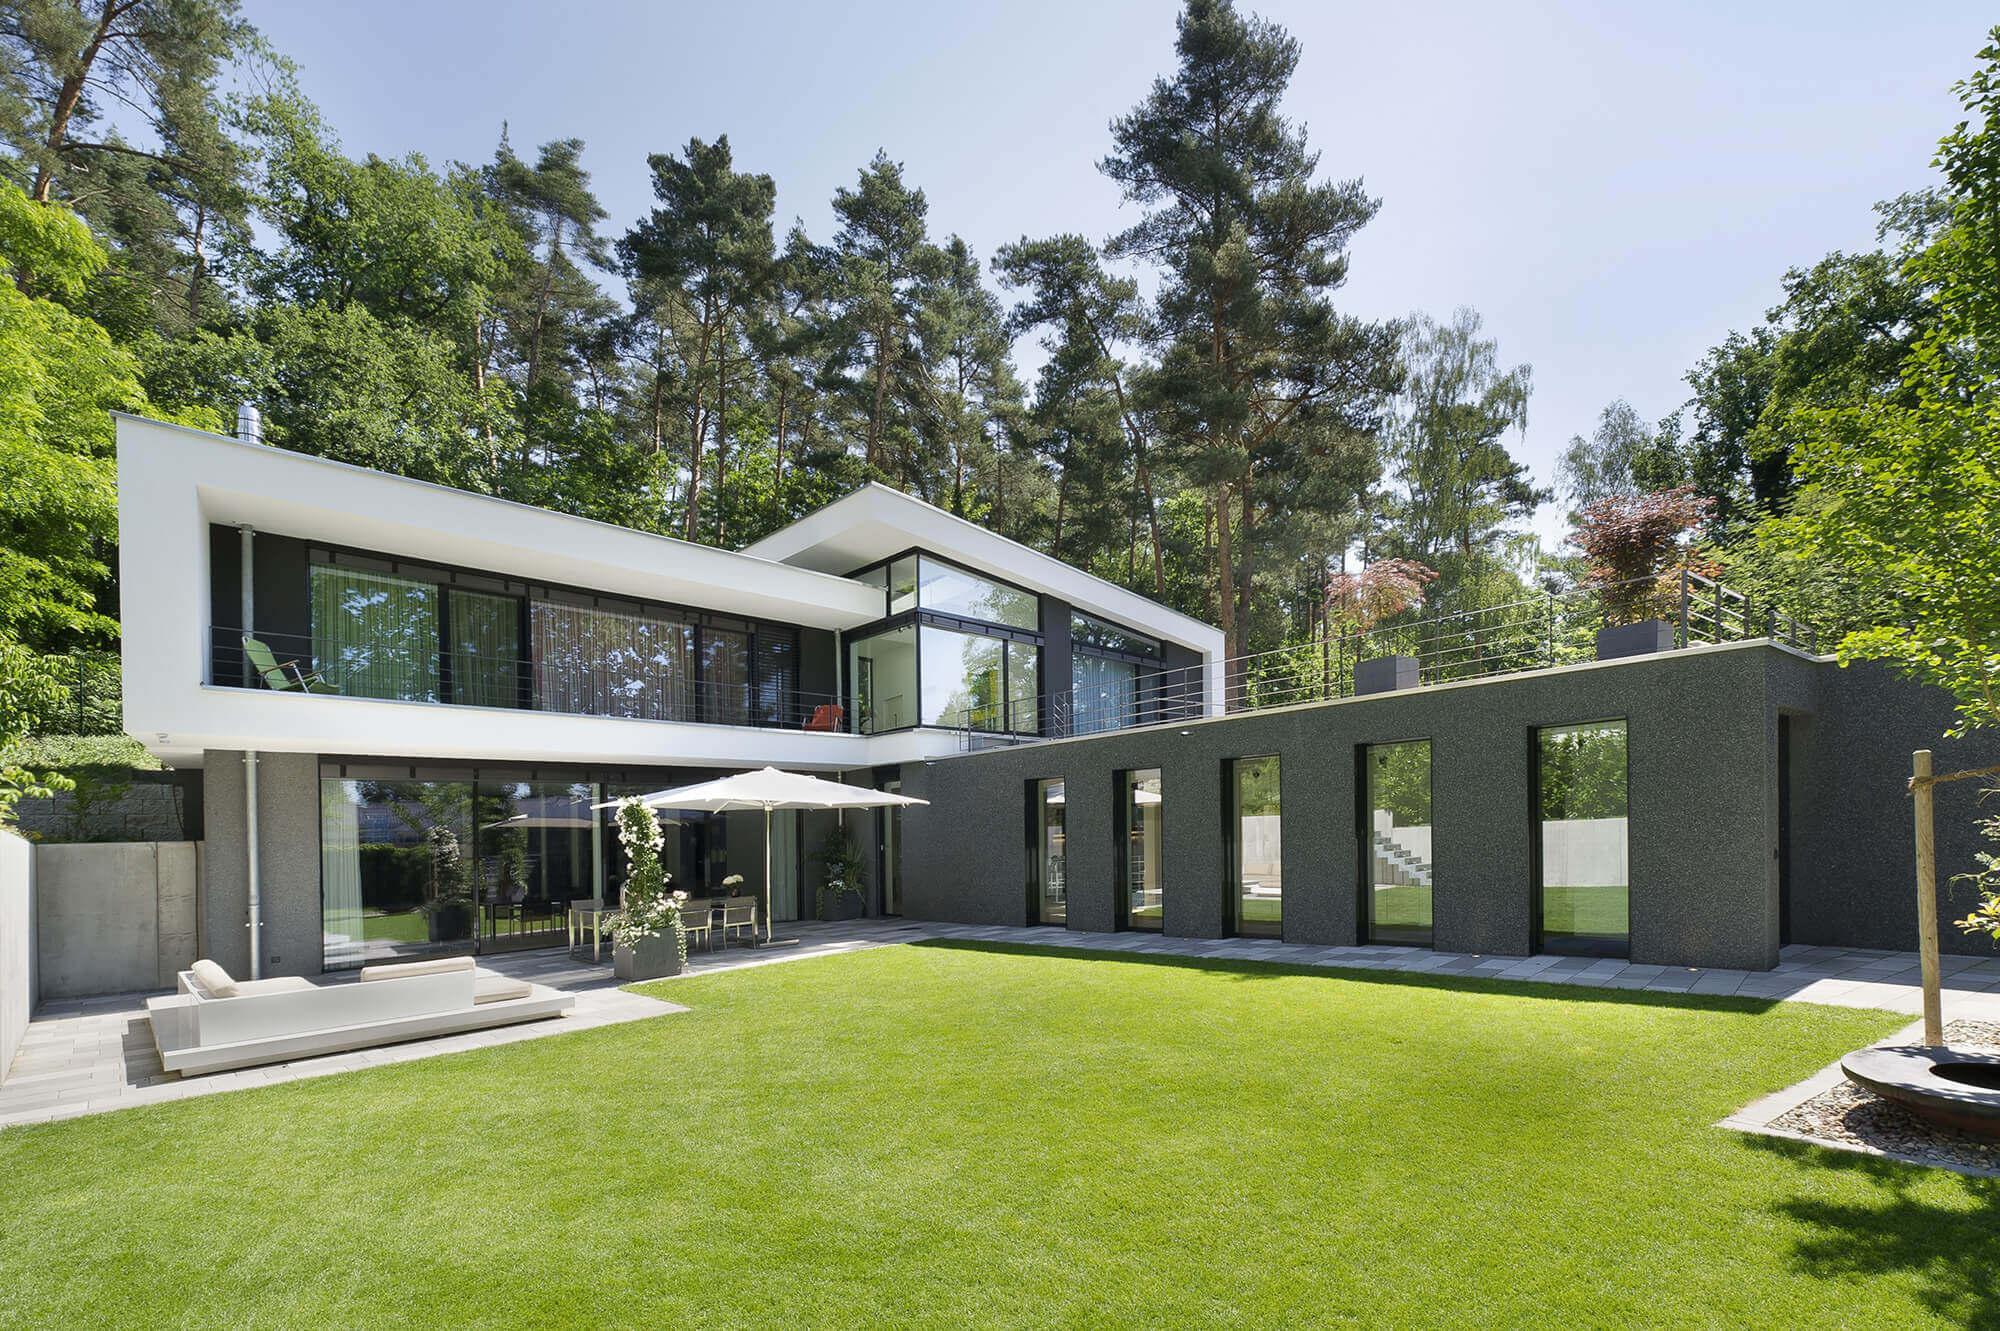 Gr el architekten architektur innenarchitektur for Architektur innenarchitektur